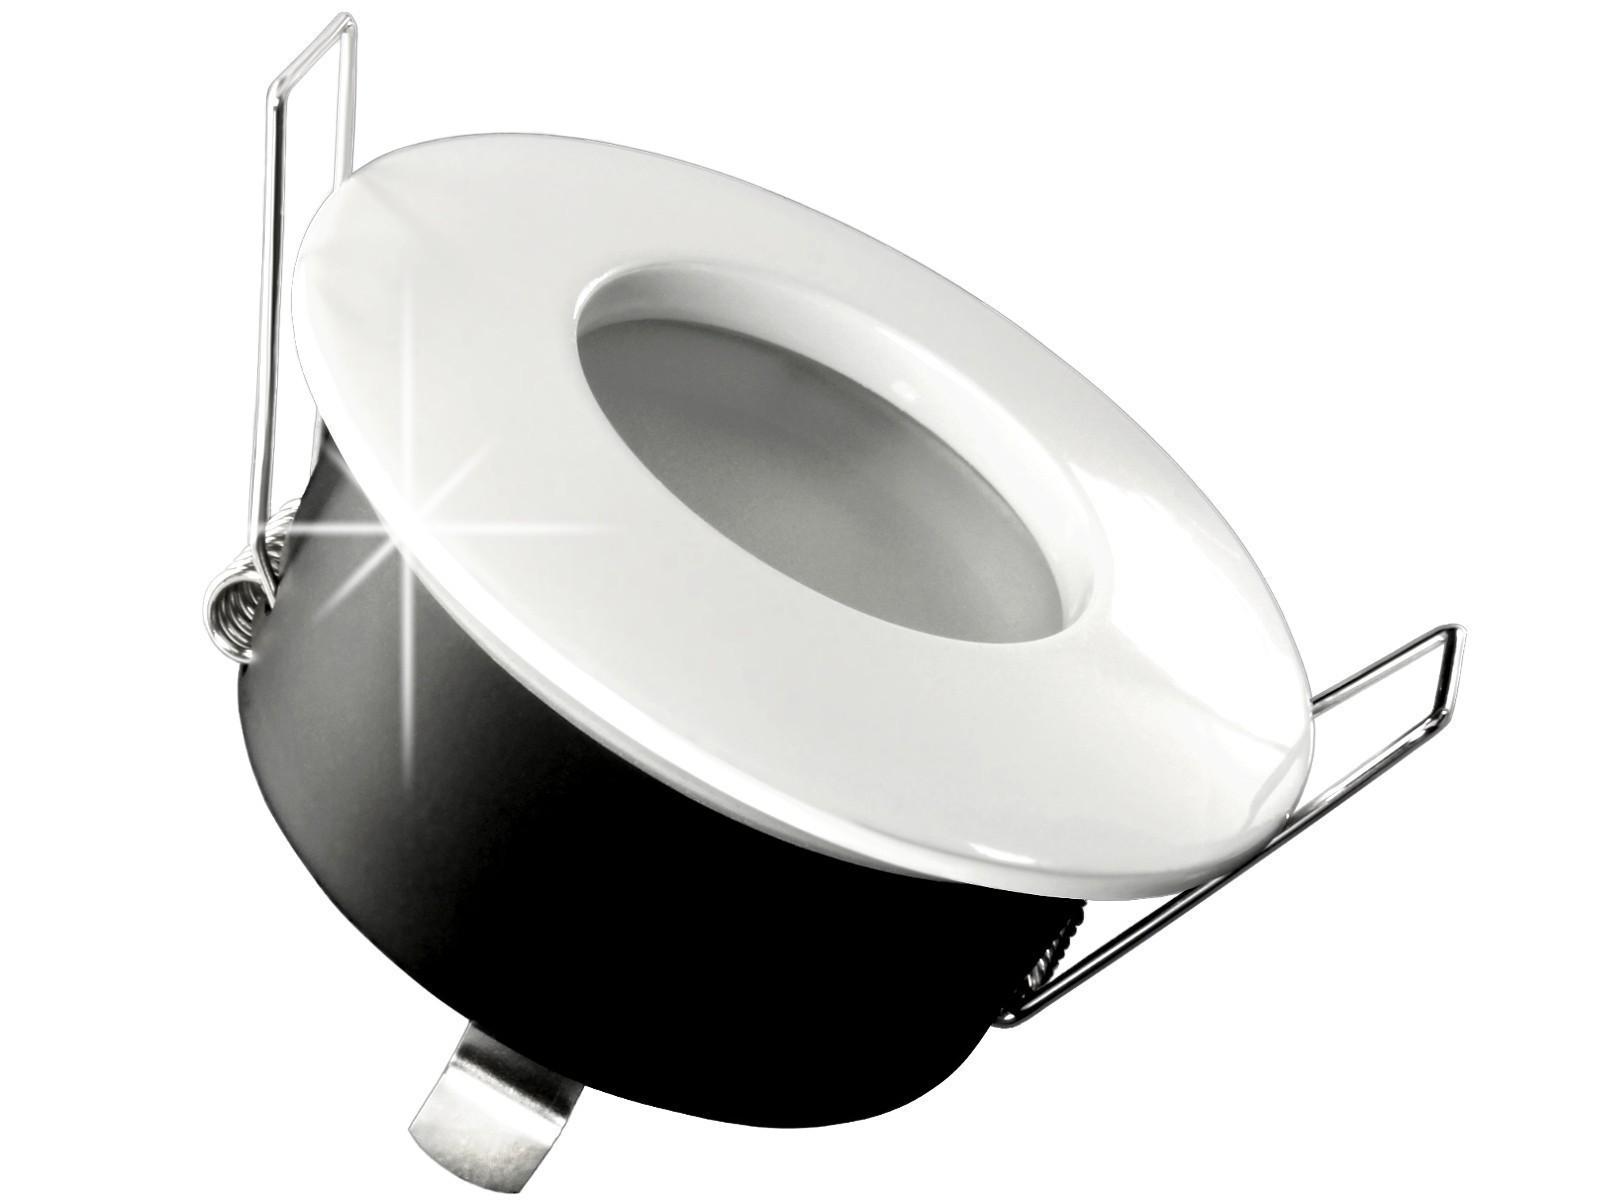 rw 1 led einbaustrahler weiss bad dusche aussenbereich feuchtraum ip65 5w led warmwei. Black Bedroom Furniture Sets. Home Design Ideas